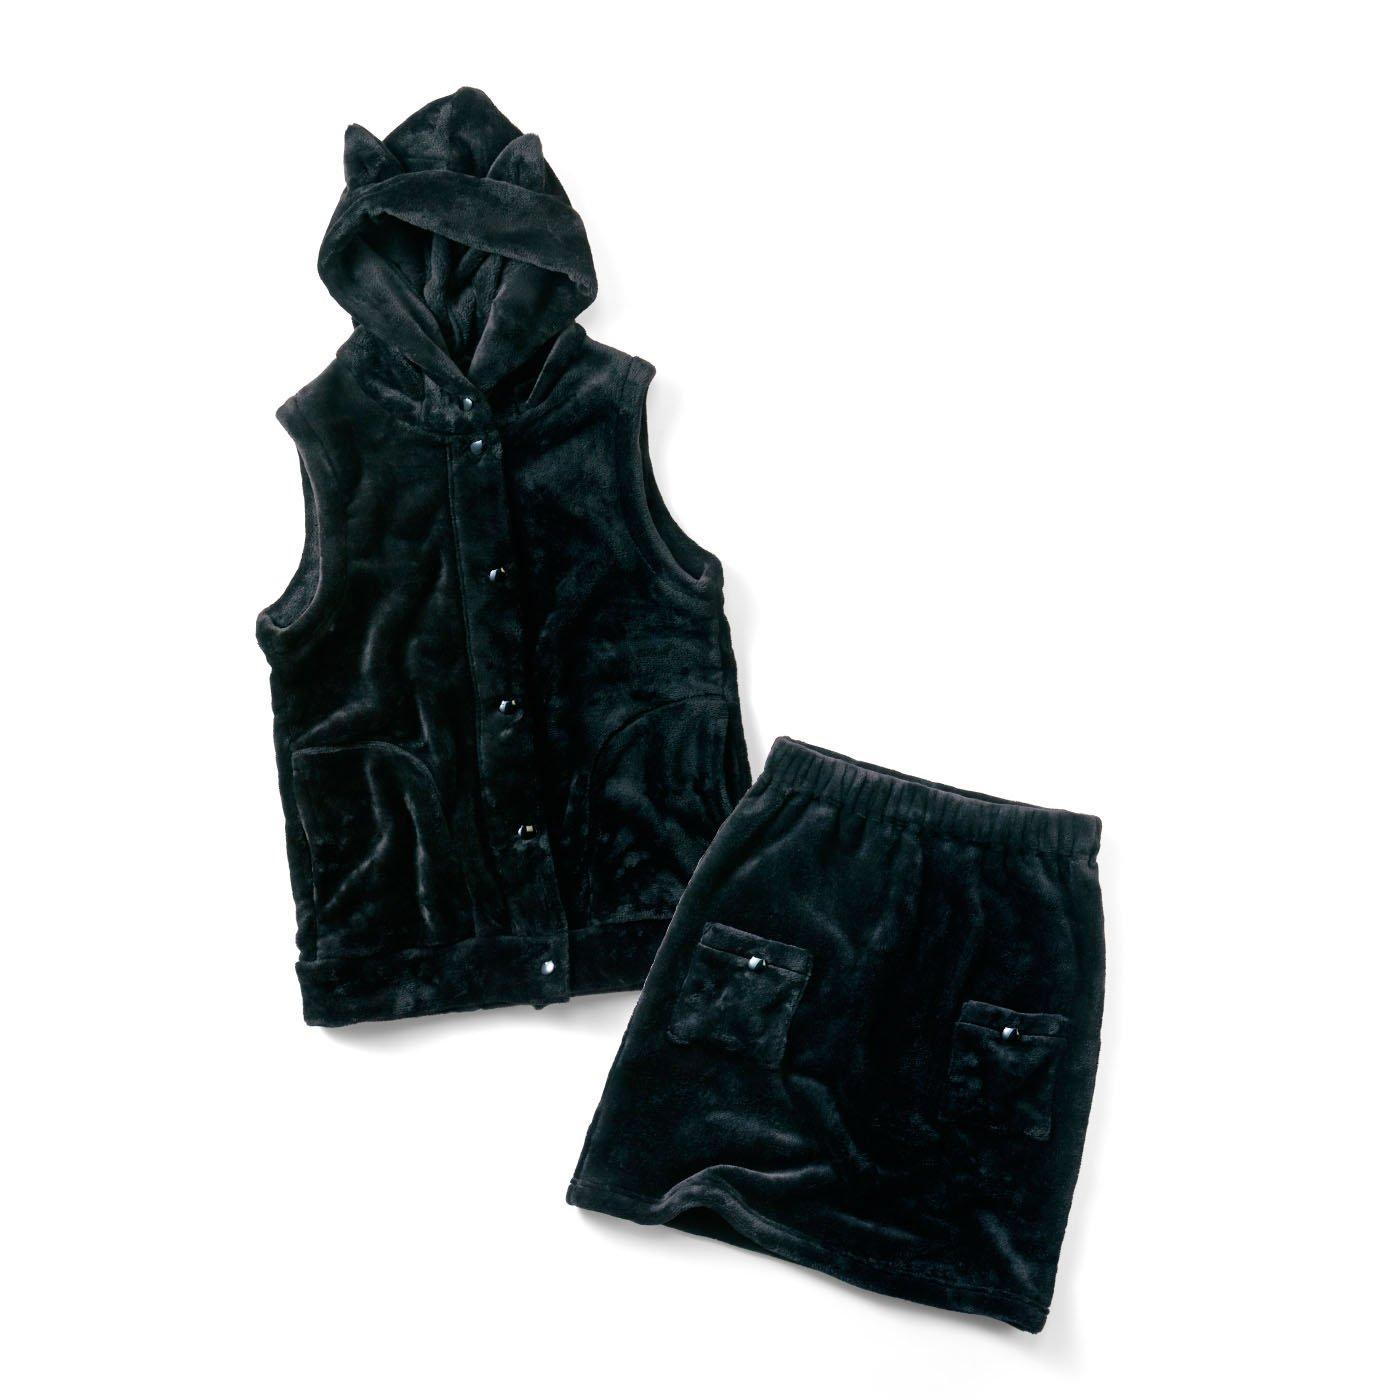 リブ イン コンフォート 猫部×リブイン 両面もふもふな肌ざわりベストとスカートの黒猫お散歩セットアップ〈ブラック〉